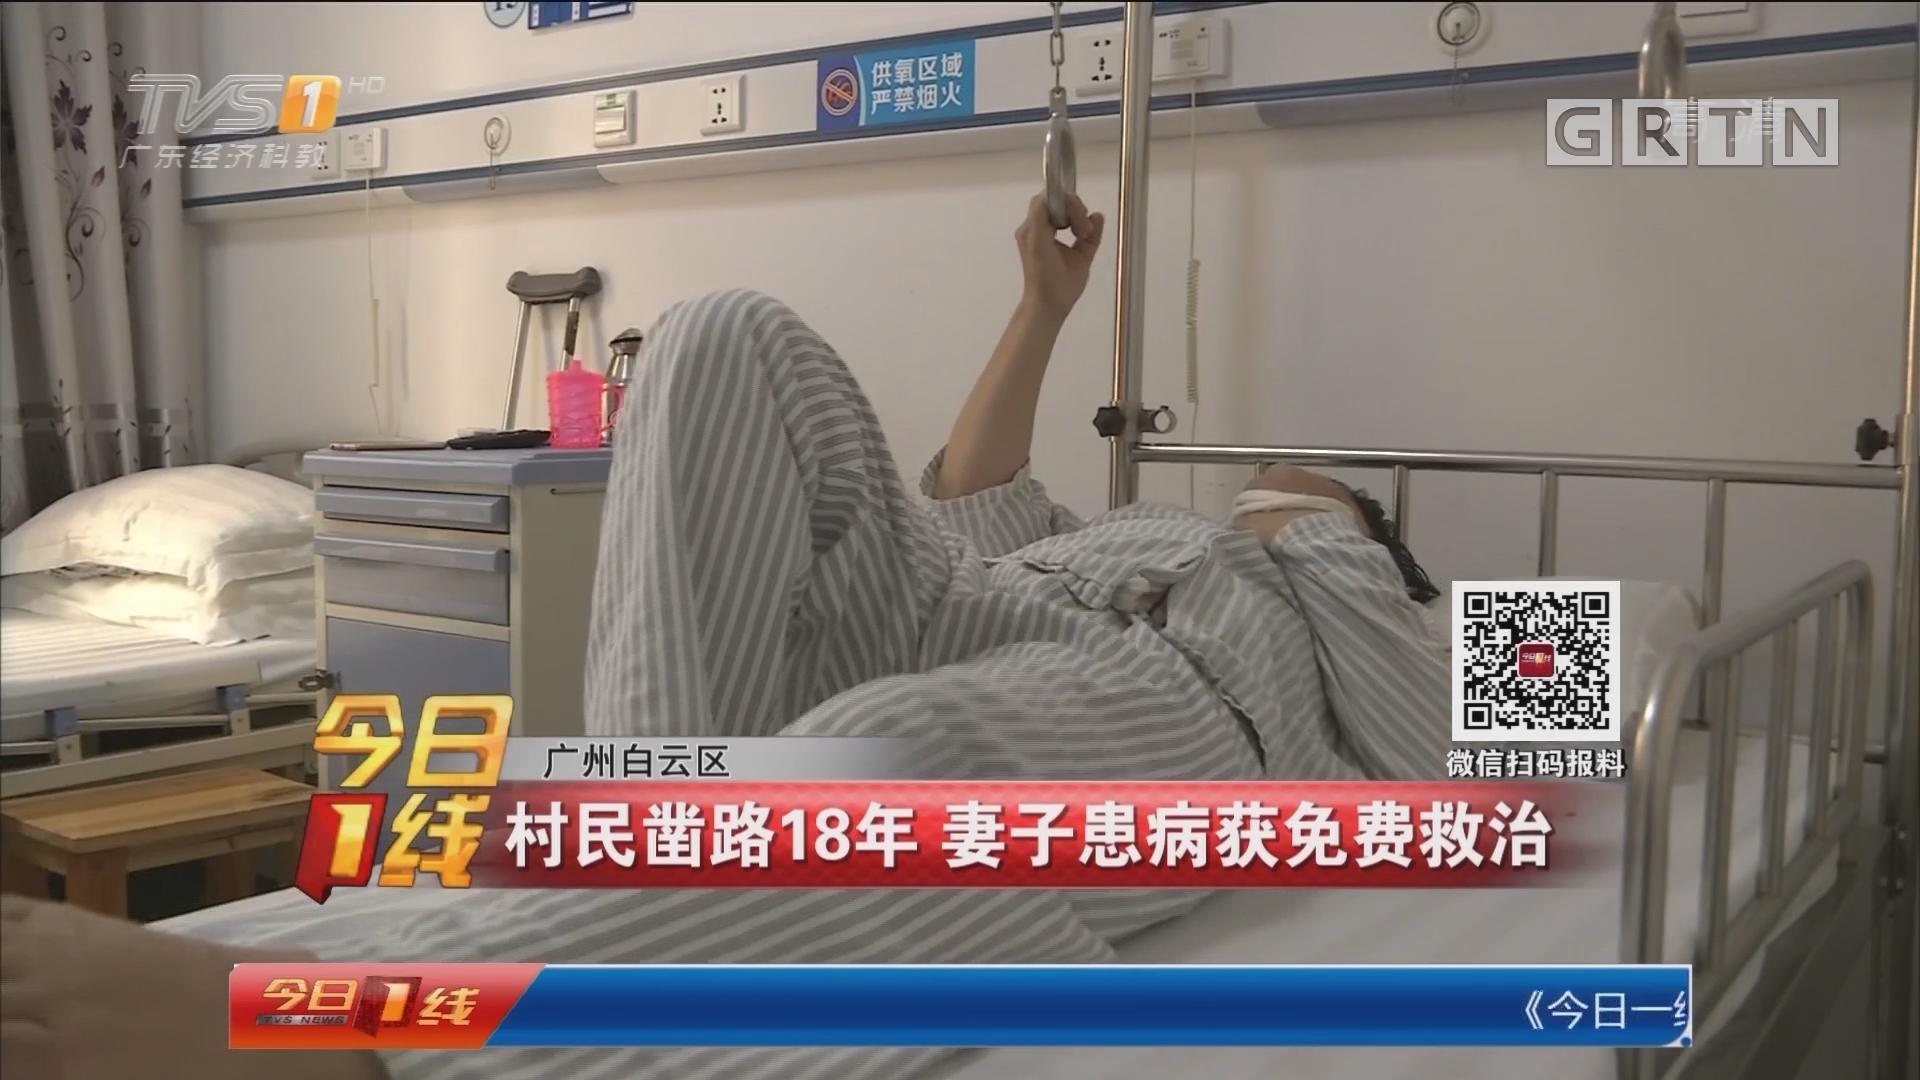 广州白云区:村民凿路18年 妻子患病获免费救治